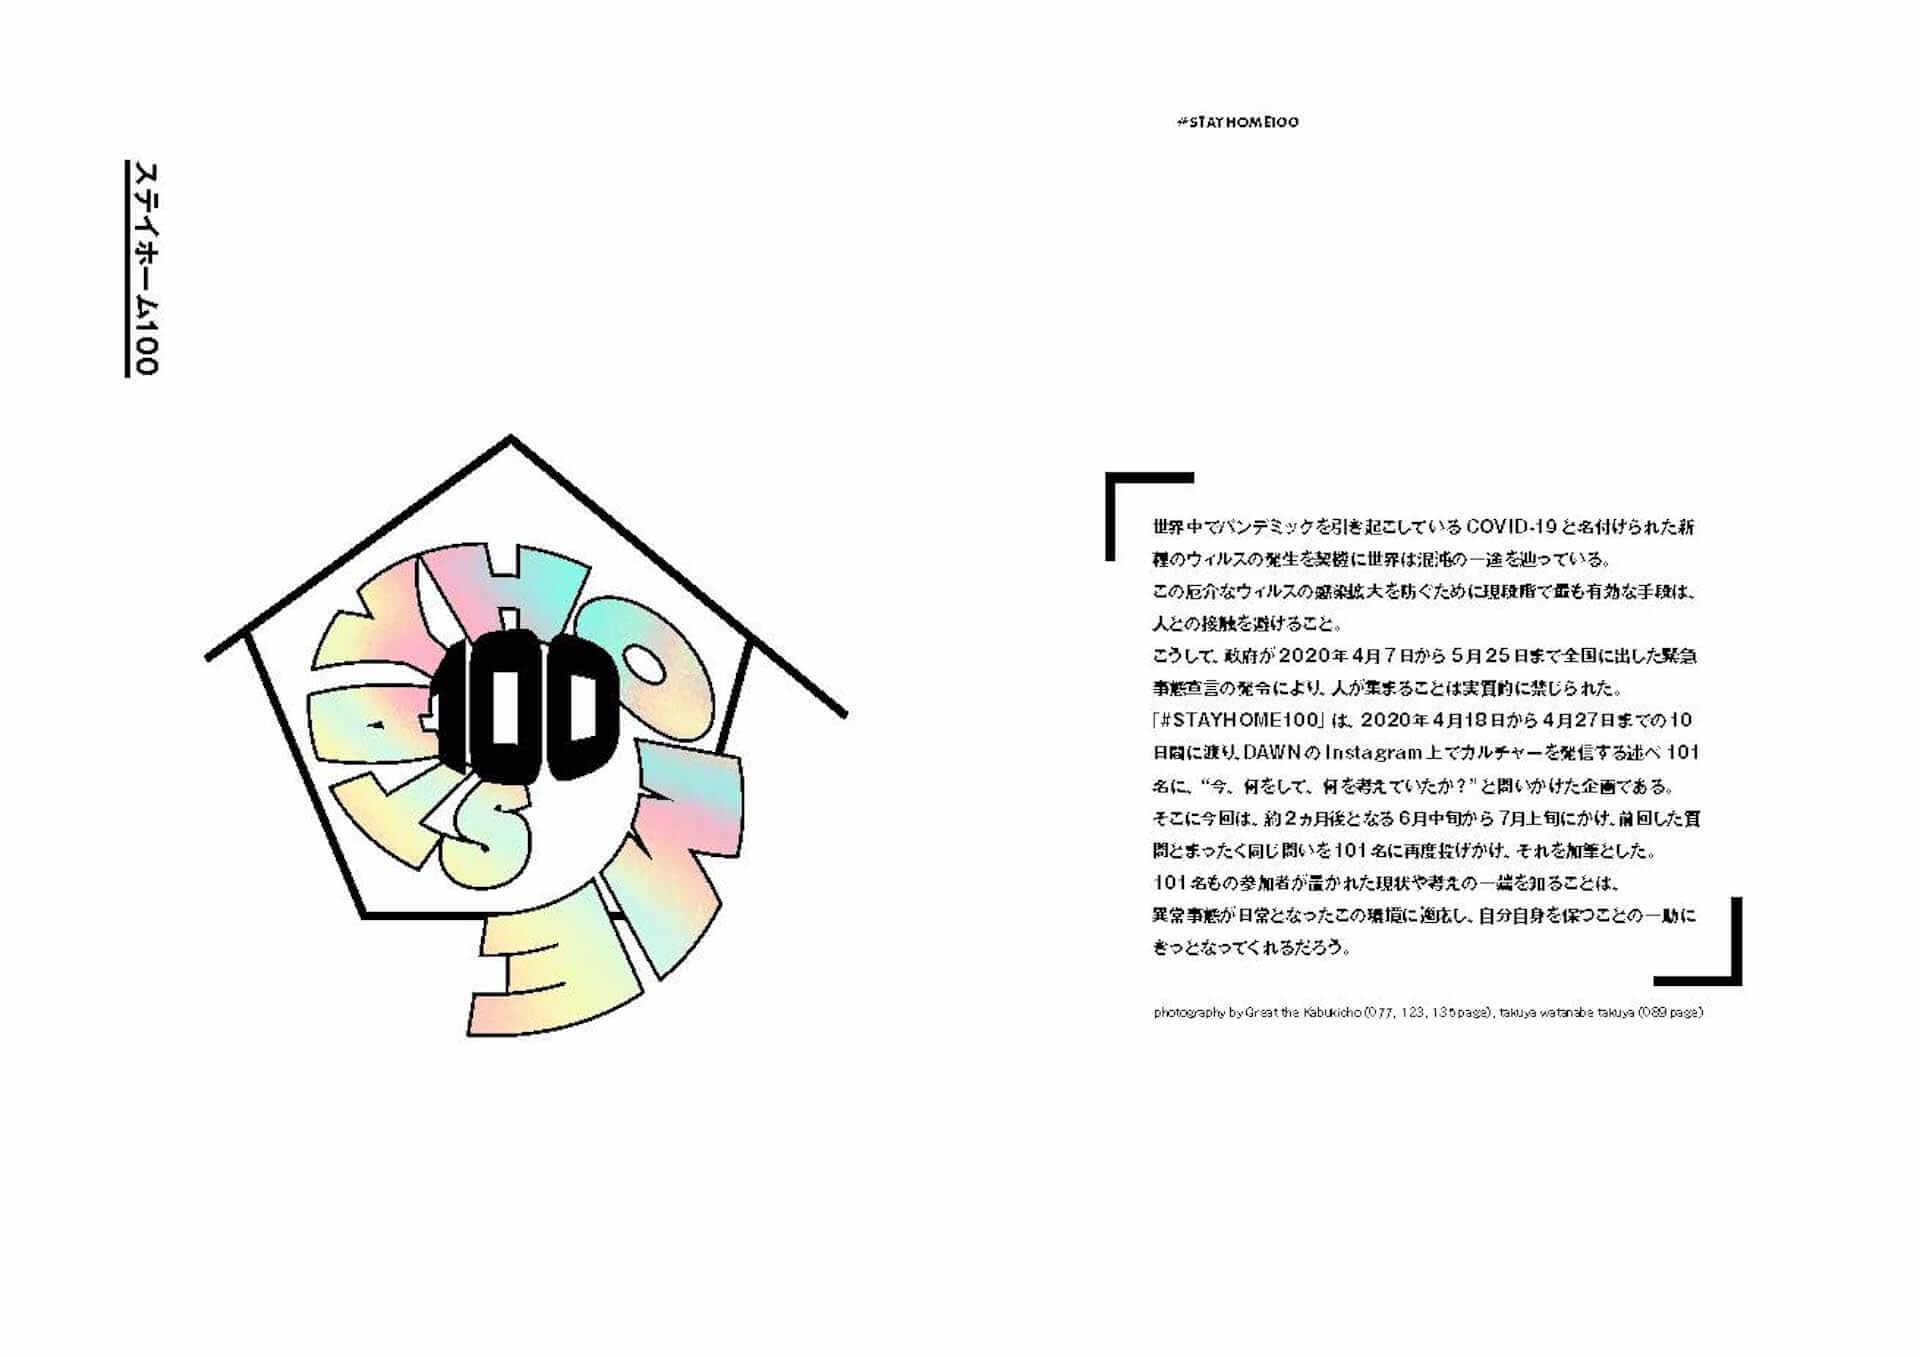 ストリートカルチャーマガジン『DAWN』の特別号が発売決定|tofubeats、マヒトゥ・ザ・ピーポー、Mars89、釈迦坊主らのコロナ禍中を記録 art200814_dawn_3